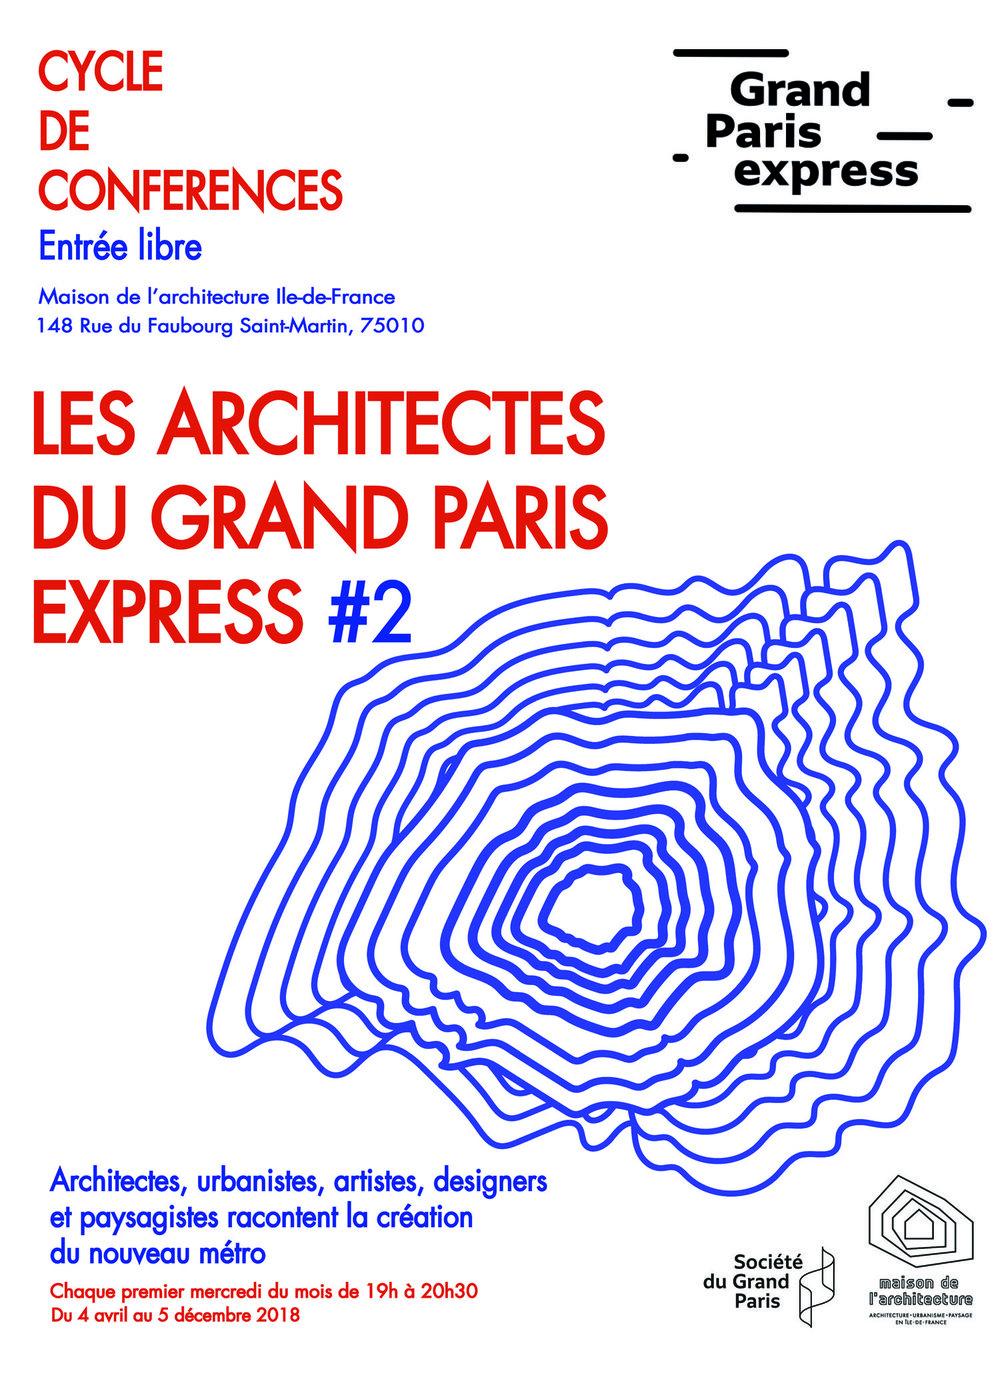 Les Architectes du Grand Paris Express